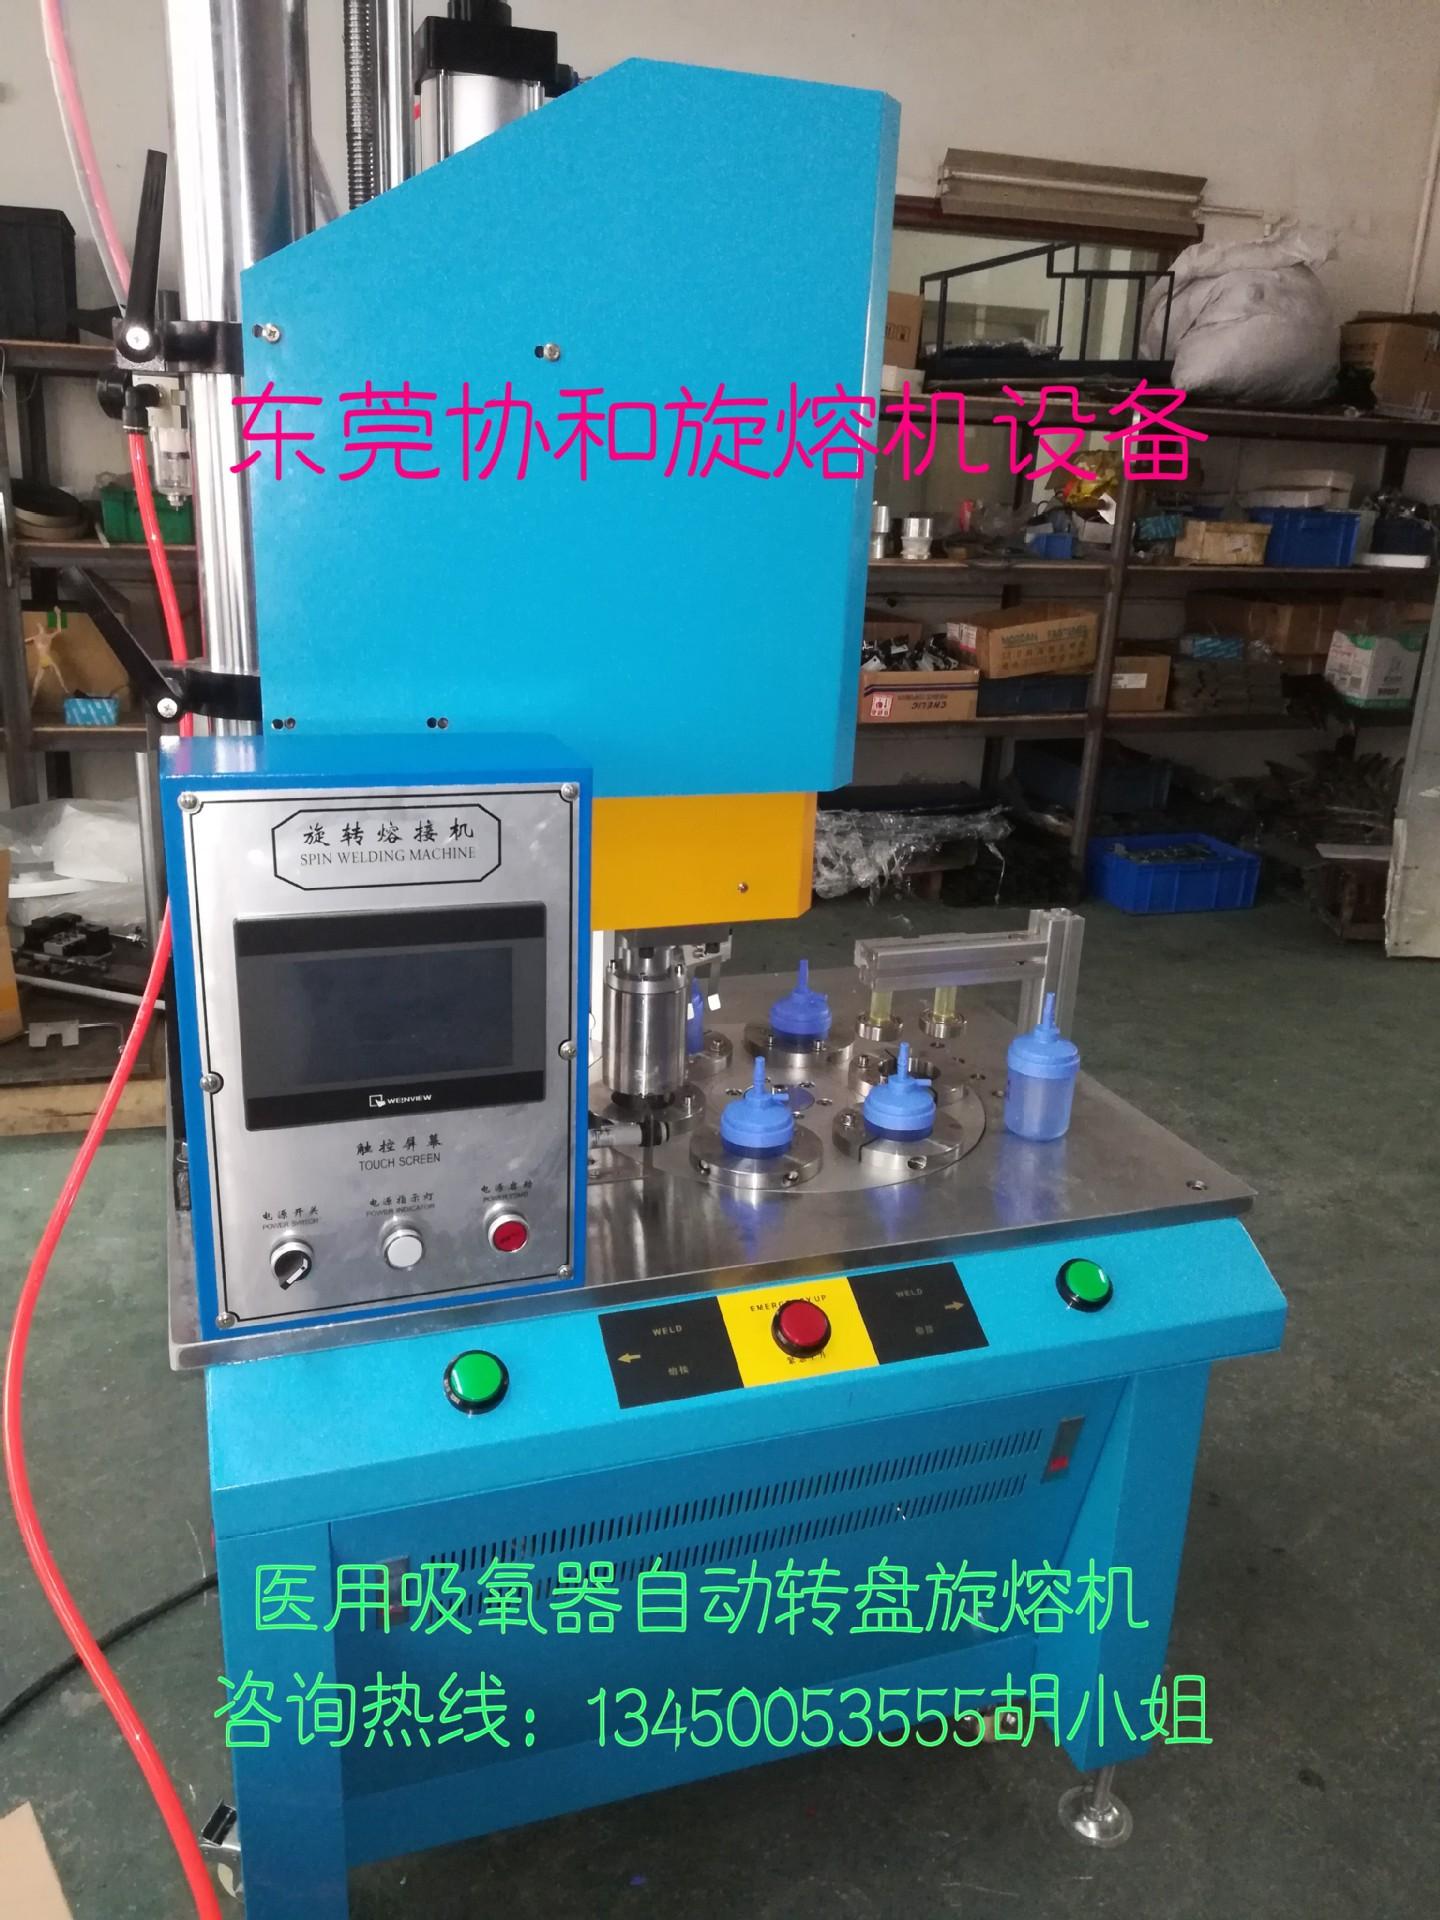 非定位旋熔机 协和机械生产厂家 防水防气密焊接旋熔机示例图2